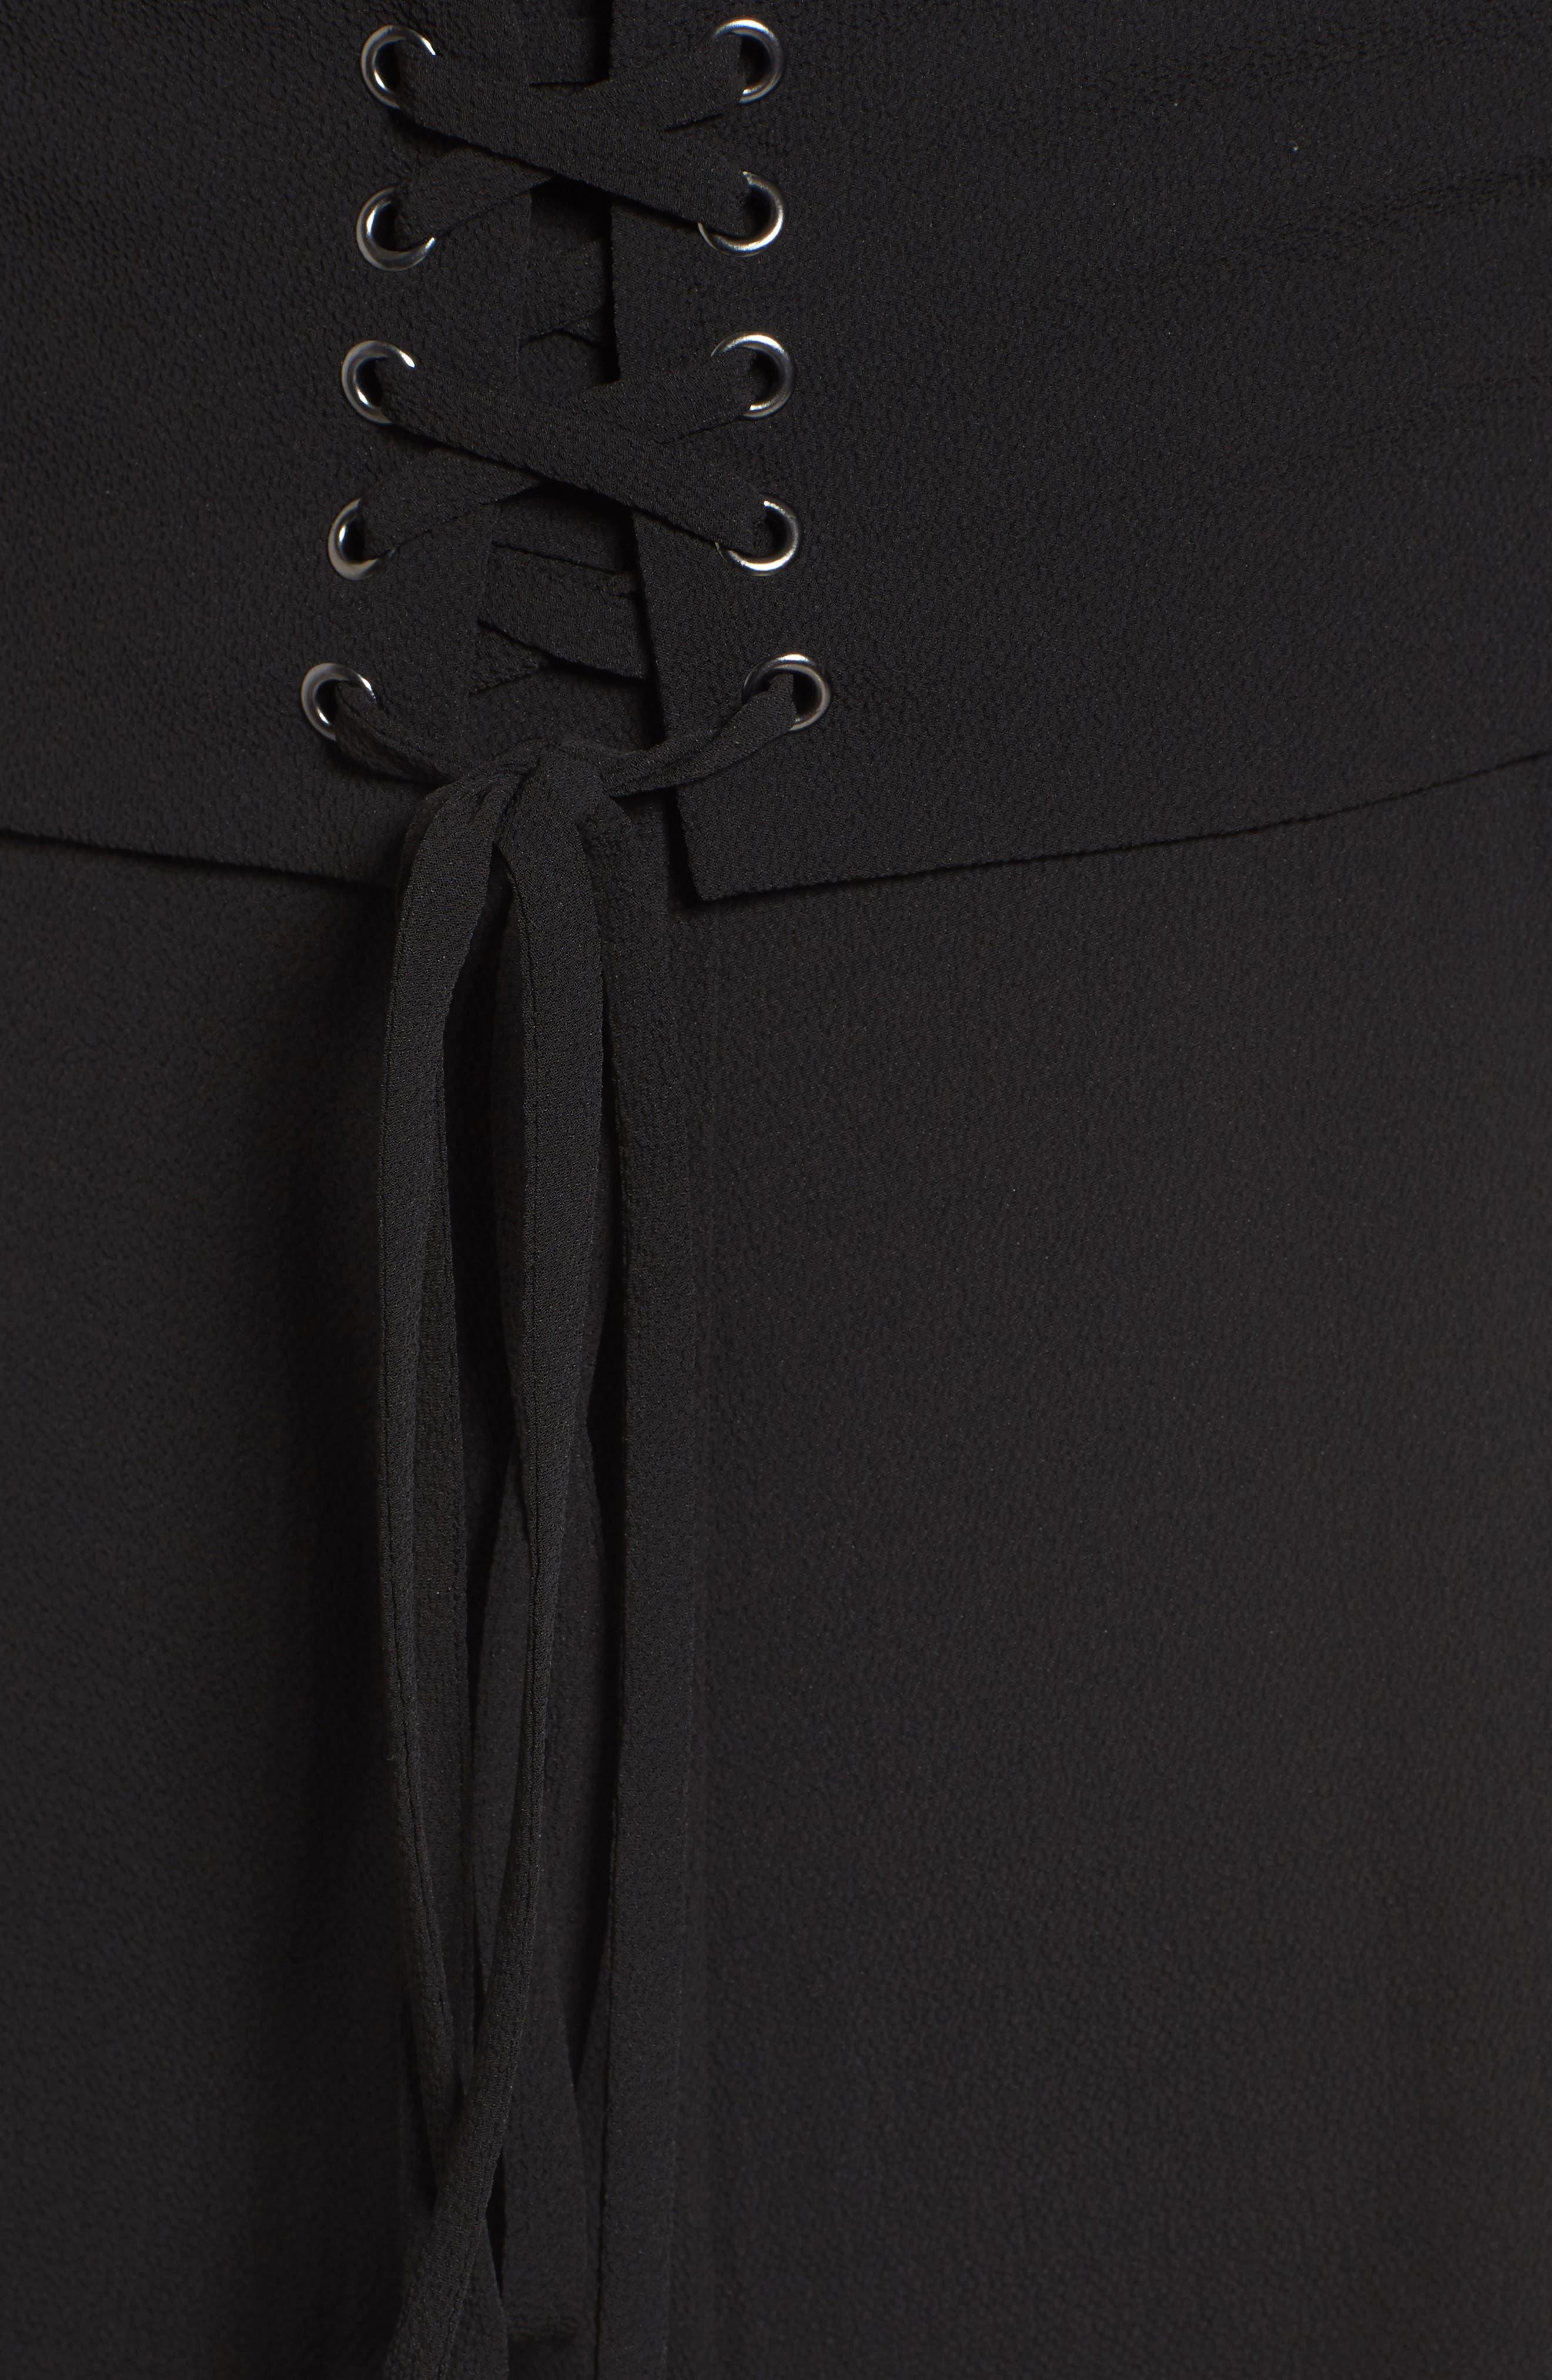 Riply Corset Jumpsuit,                             Alternate thumbnail 5, color,                             001